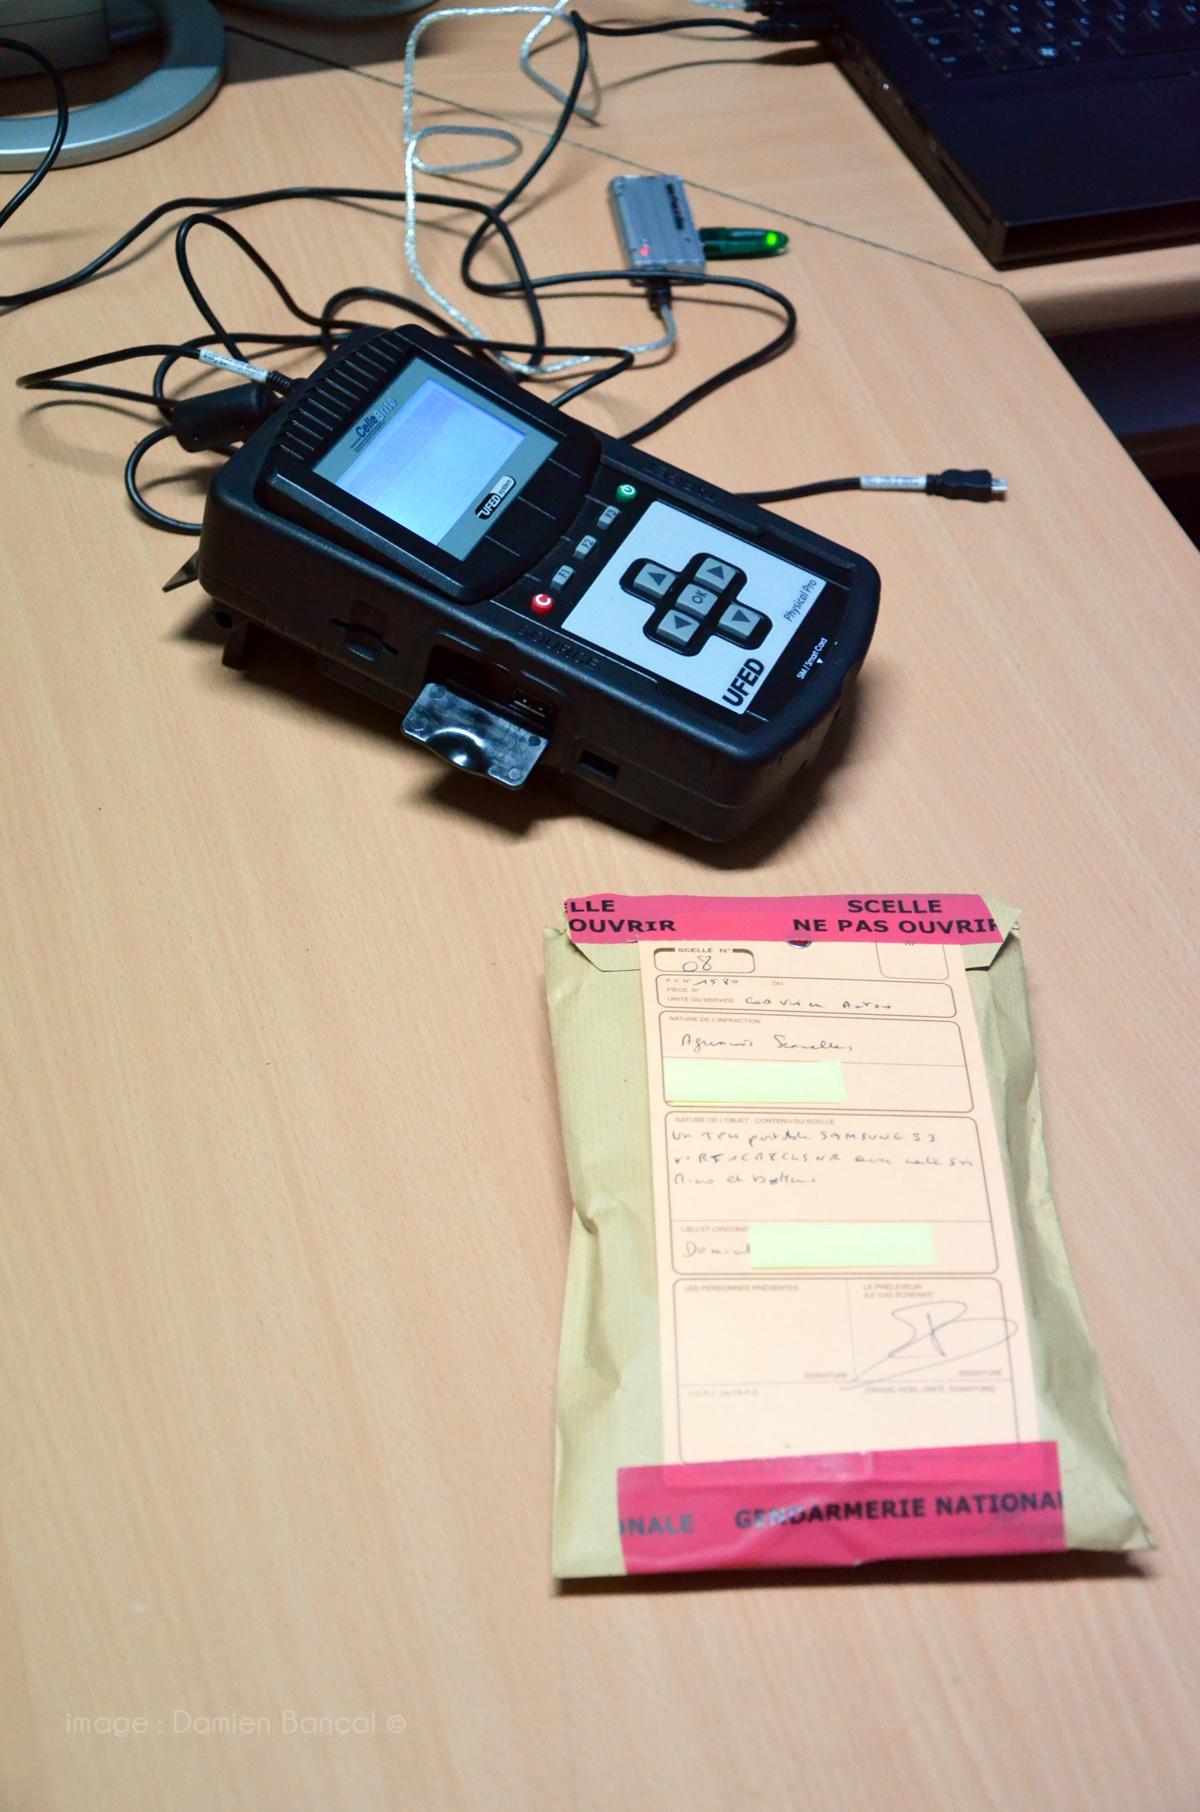 Le boitier sniffeur de données contenues dans les smartphones.